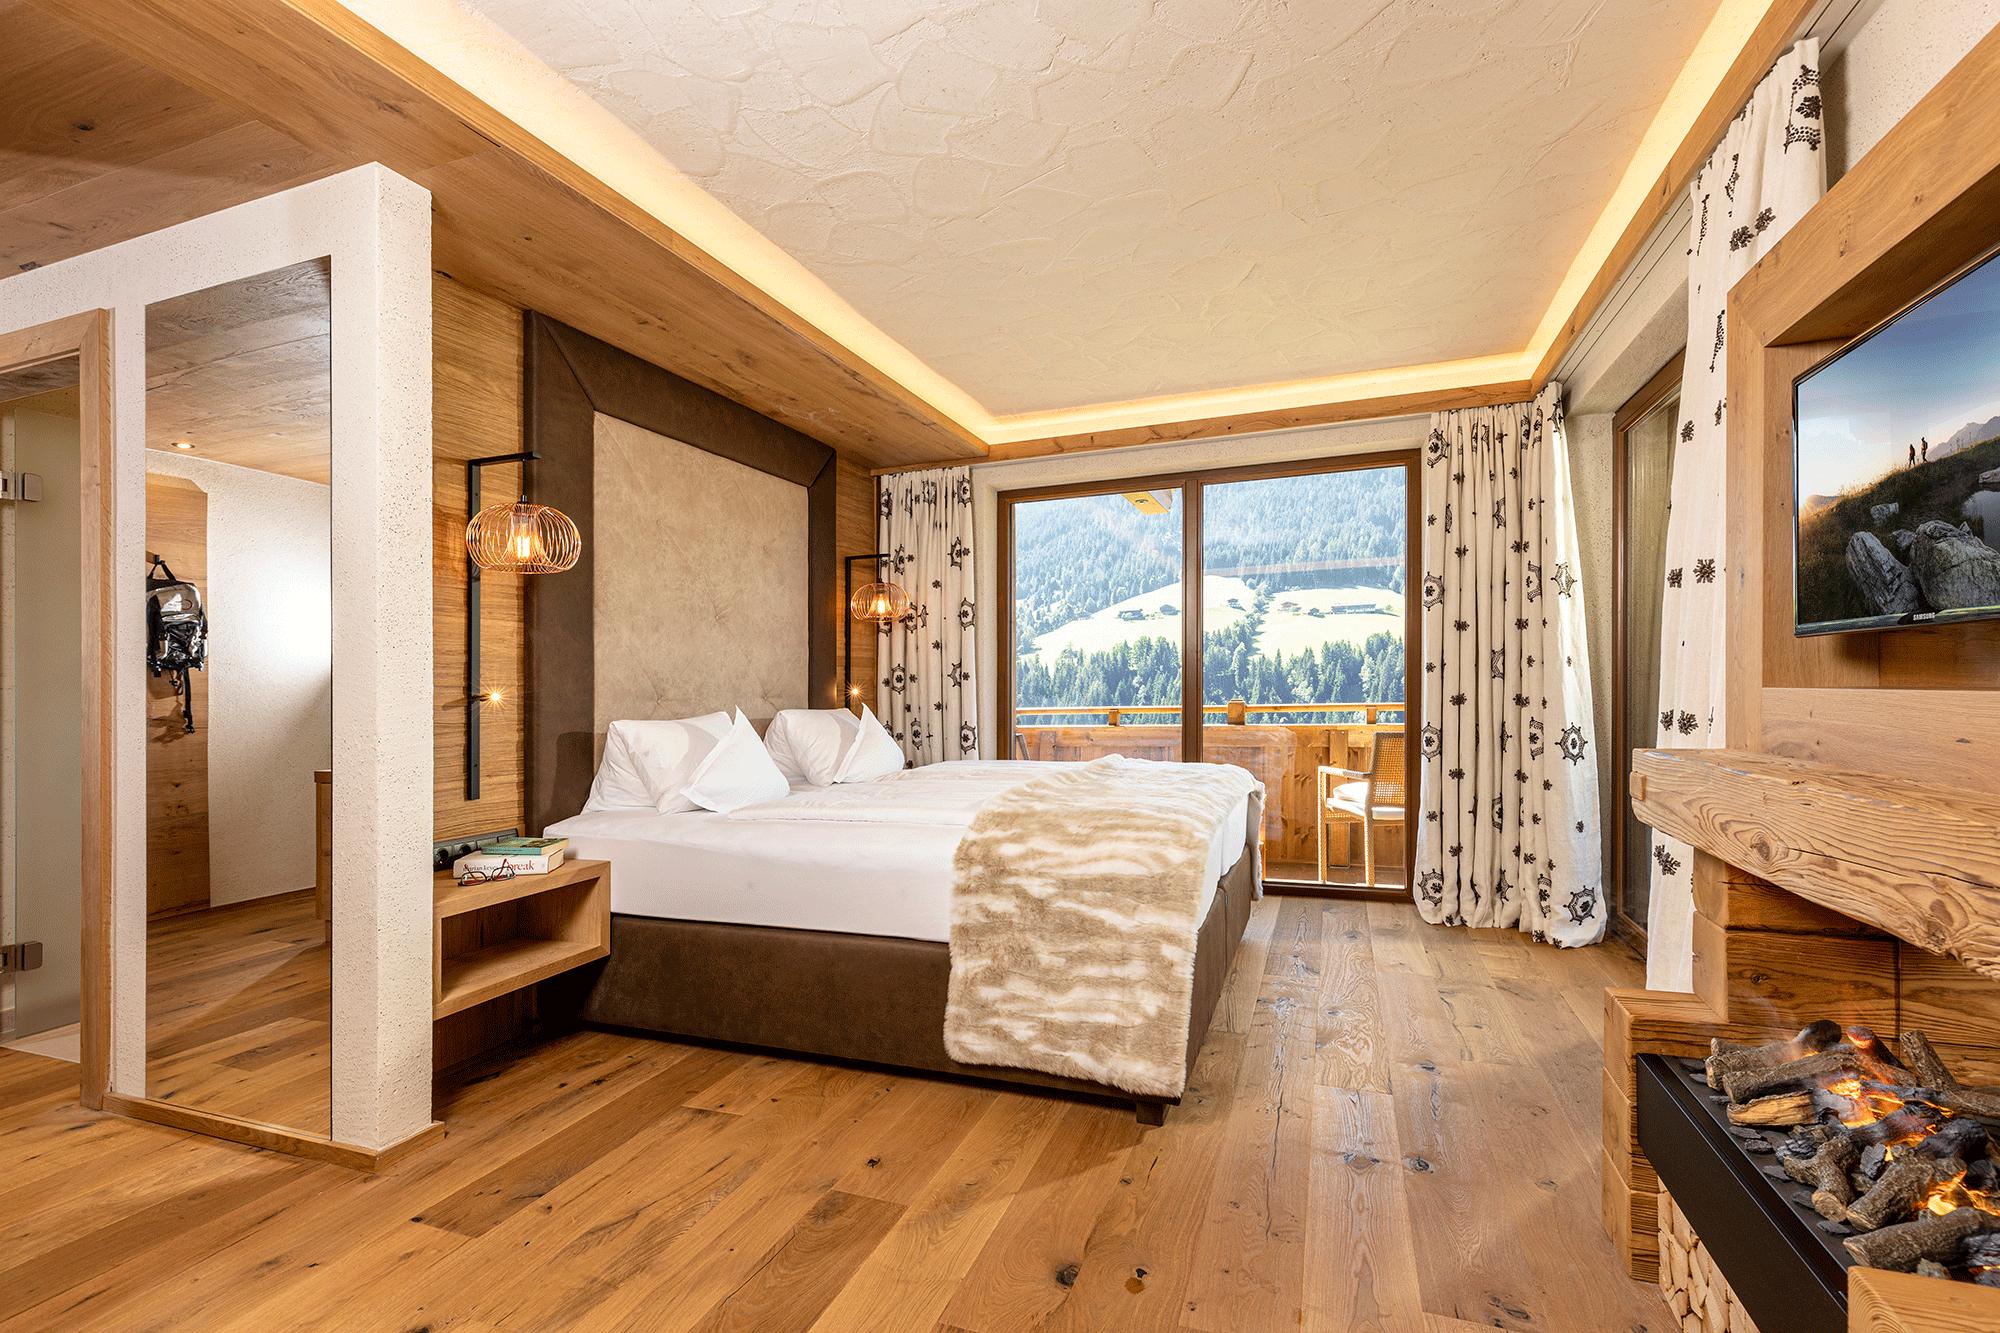 Familiensuite Traumblick Bett und Ausblick im Familienhotel Alpbacherhof im Alpbachtal